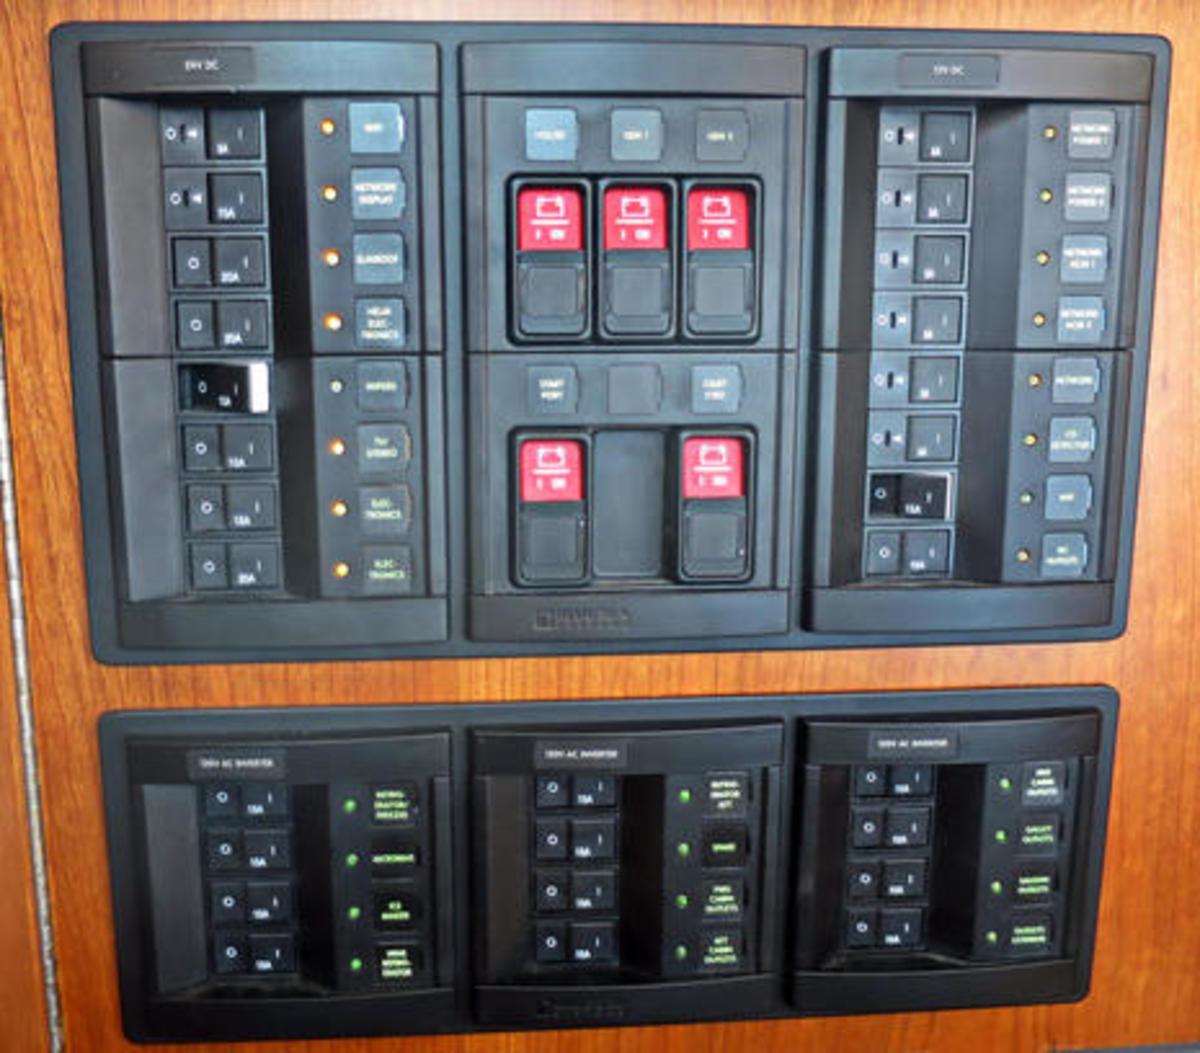 Sabre_66_hull_1_main_panel_cPanbo.jpg